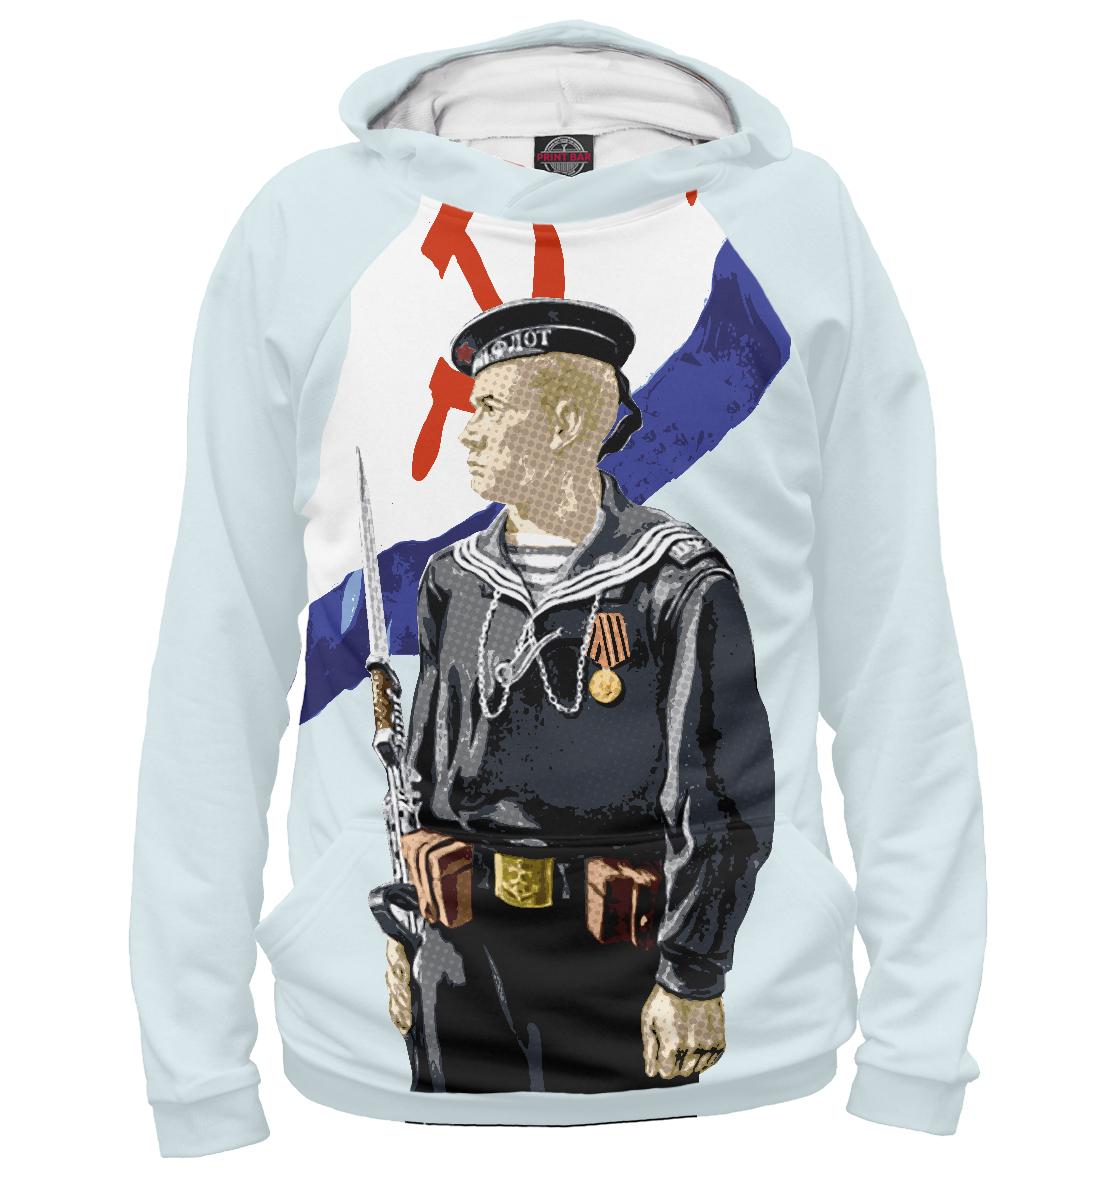 Купить ВМФ - Рулит!, Printbar, Худи, VMF-377186-hud-1